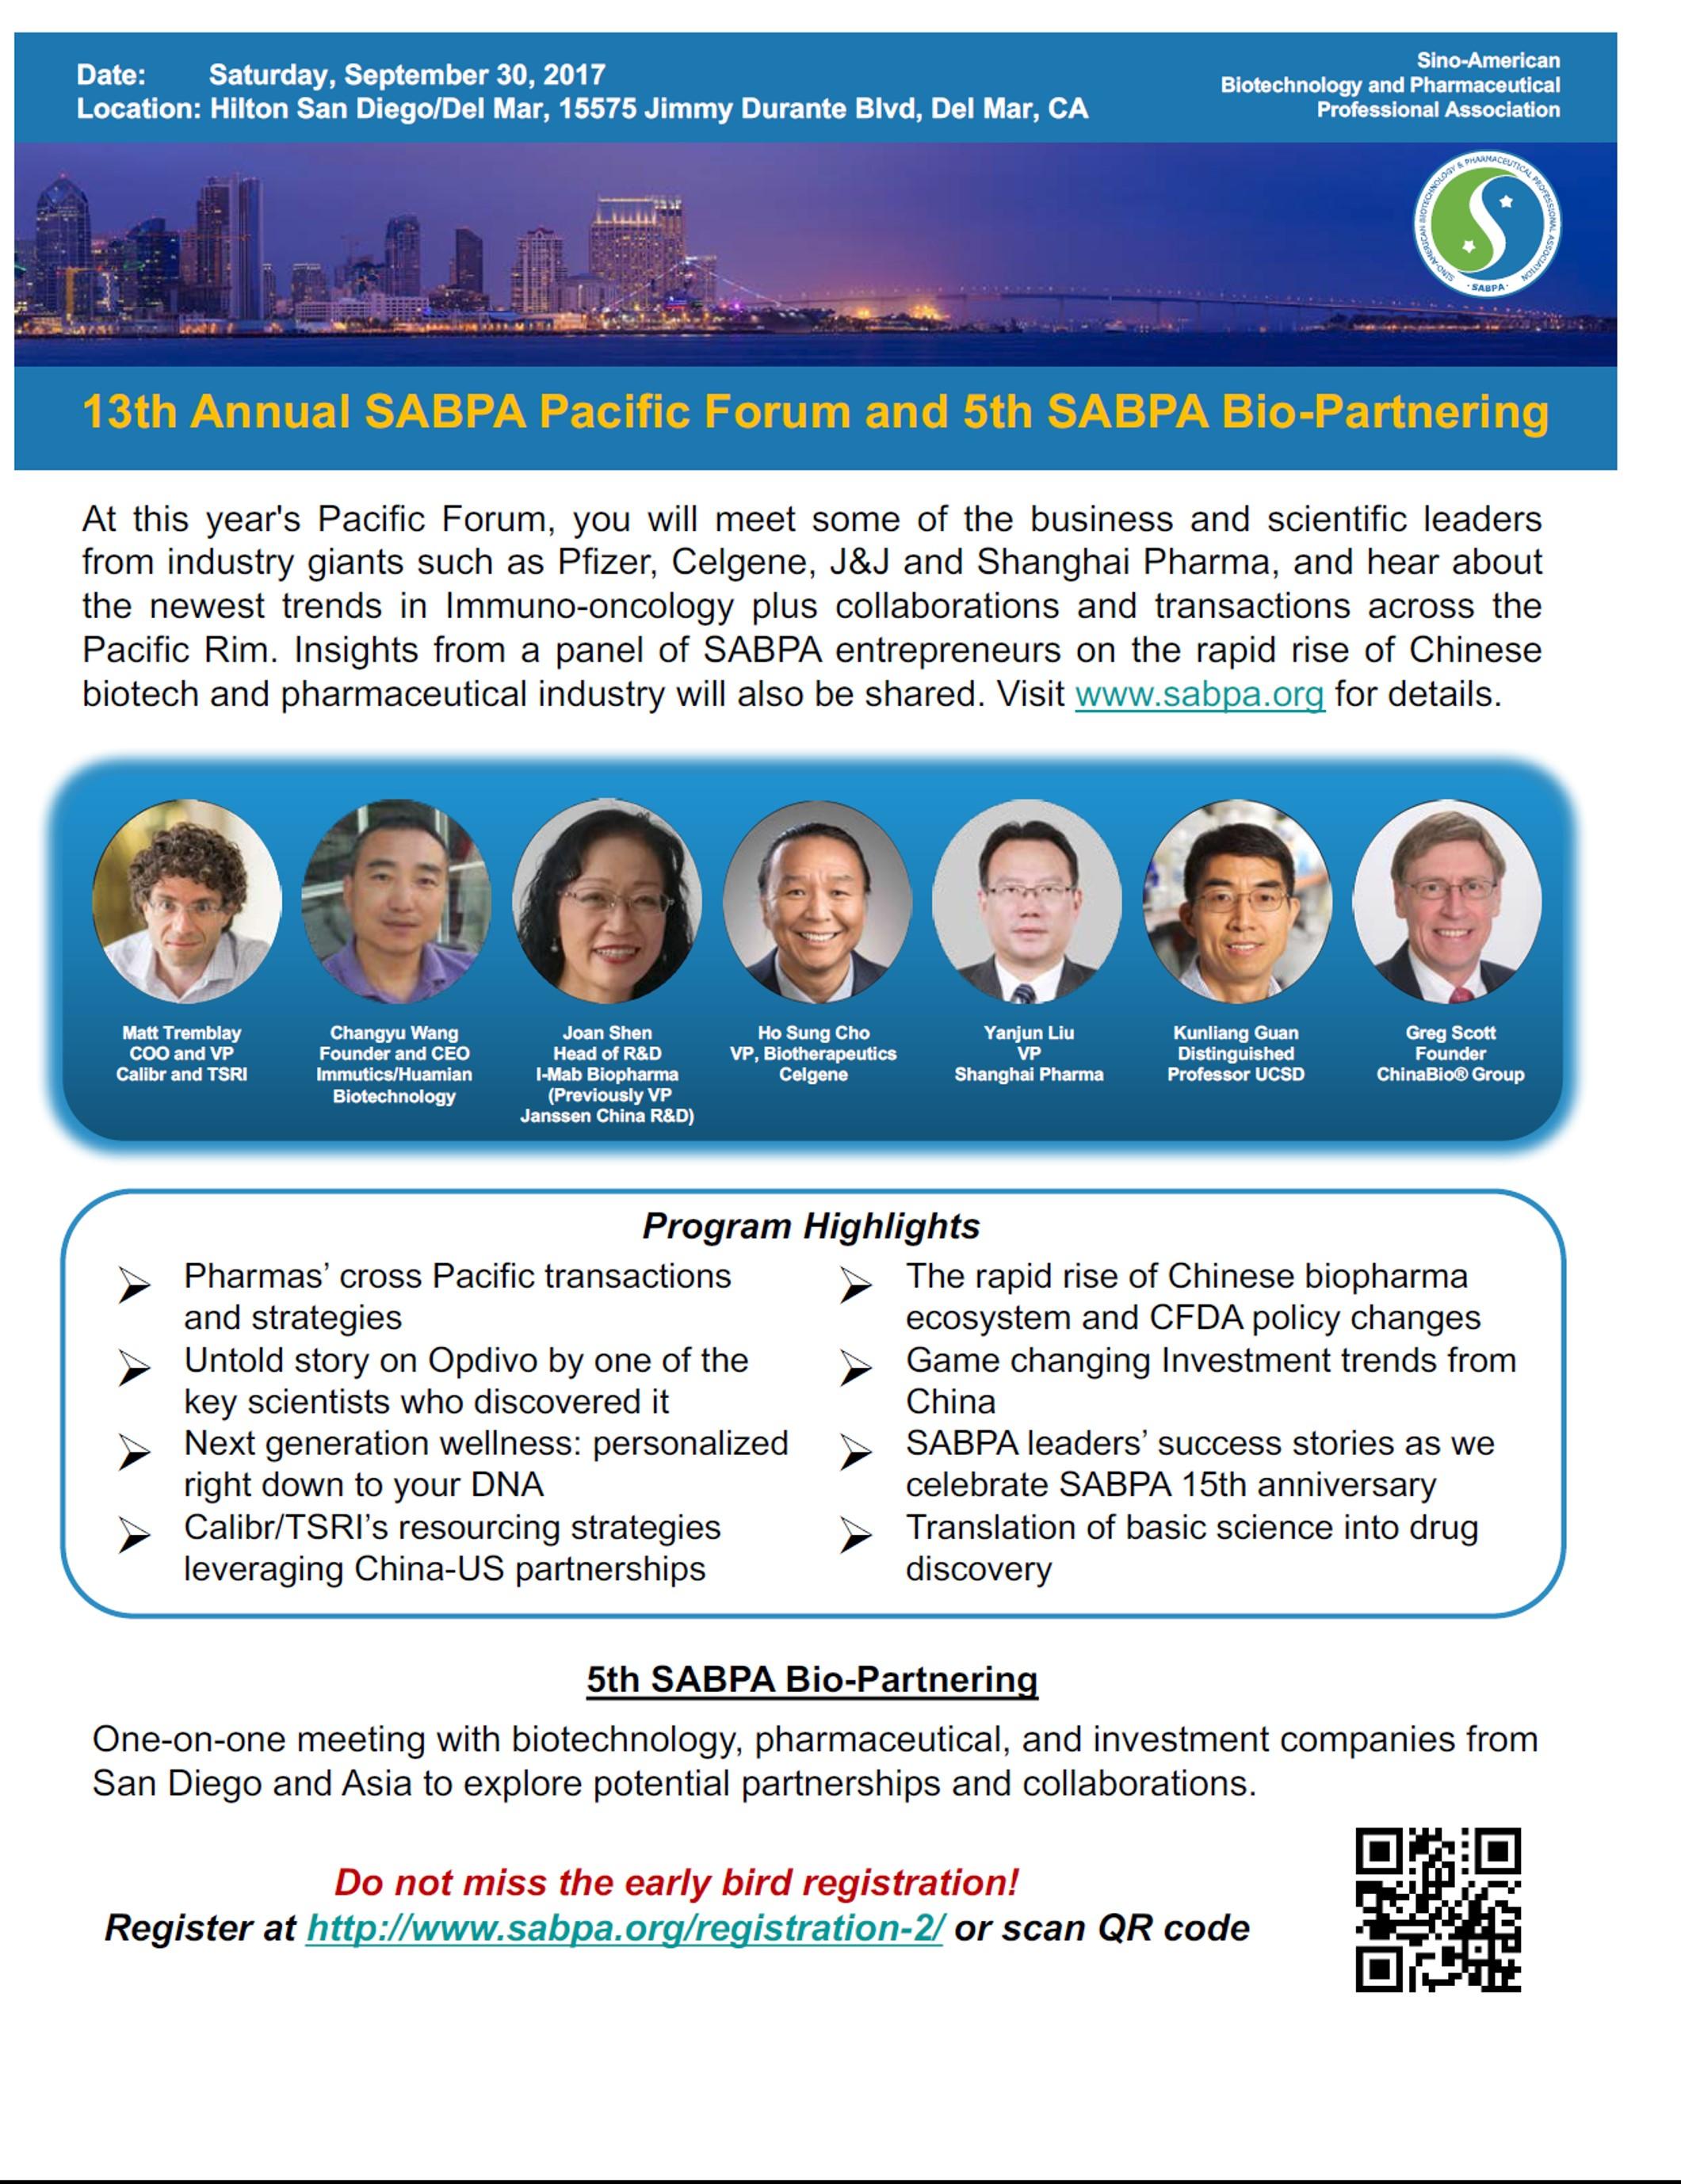 13th SABPA Pacific Forum (San Diego 9/30)